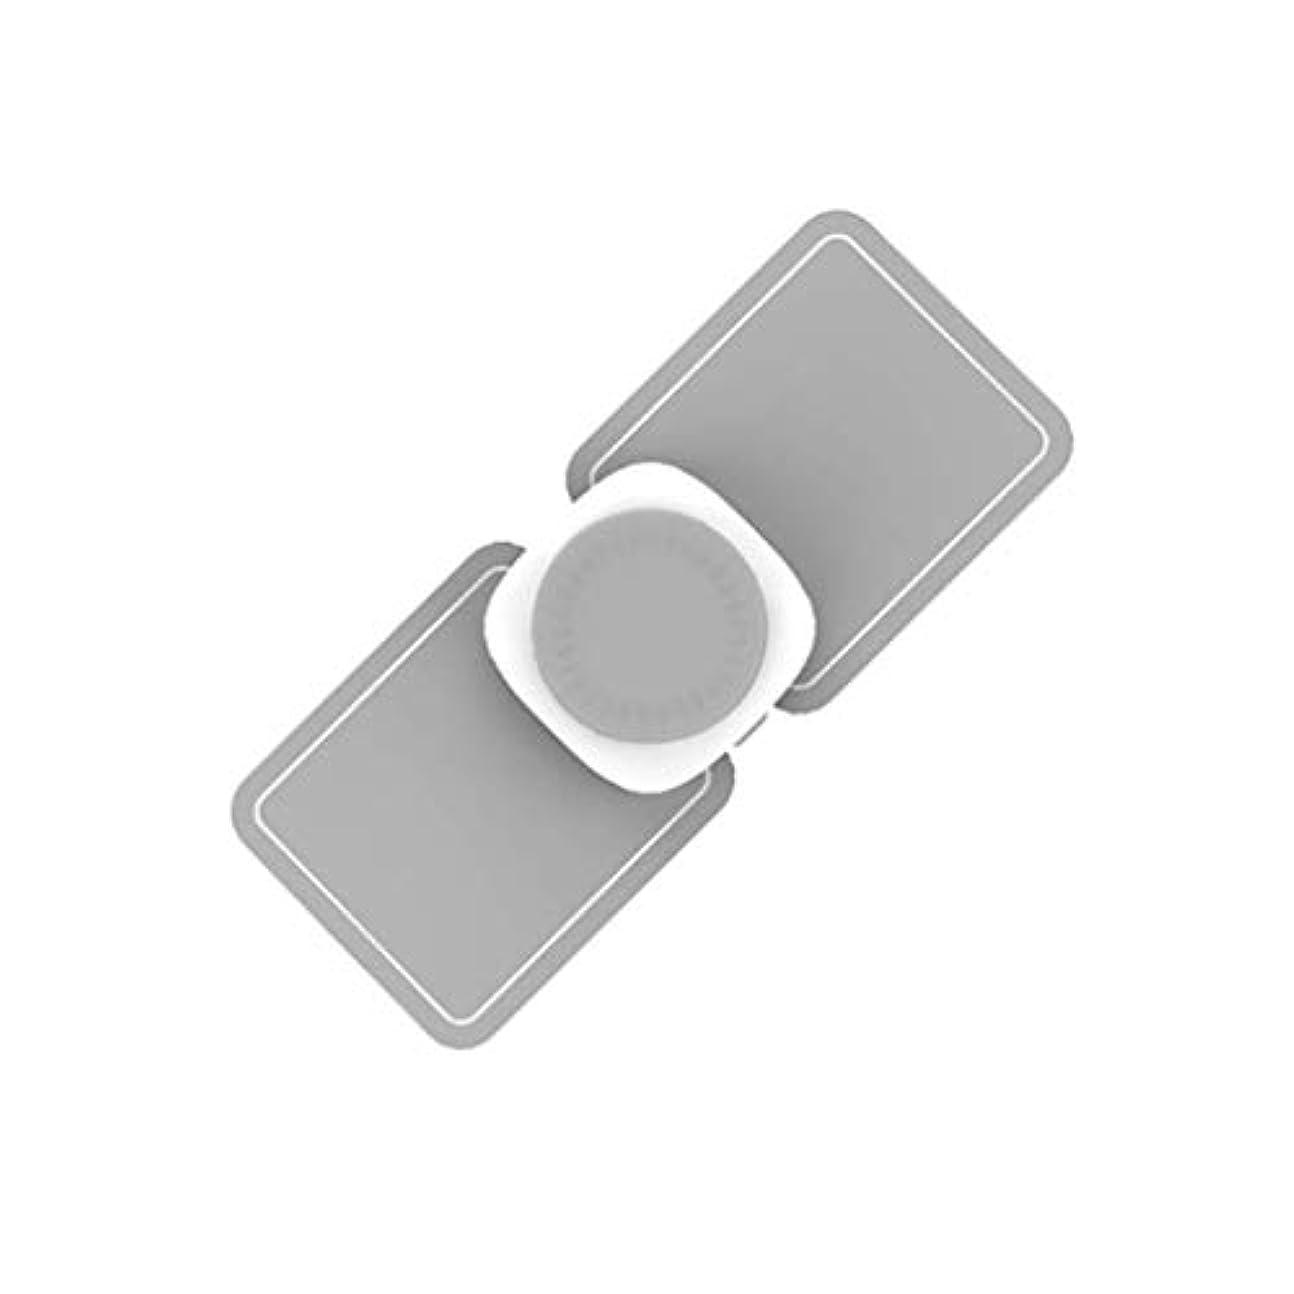 二次自発的あまりにもマッサージャー、ポータブルミニネック ショルダーマッサージャー、USB充電式電動ディープマッサージツール、マッスルリラクゼーションにより、ホームオフィスの痛みを軽減 (Color : Grey)